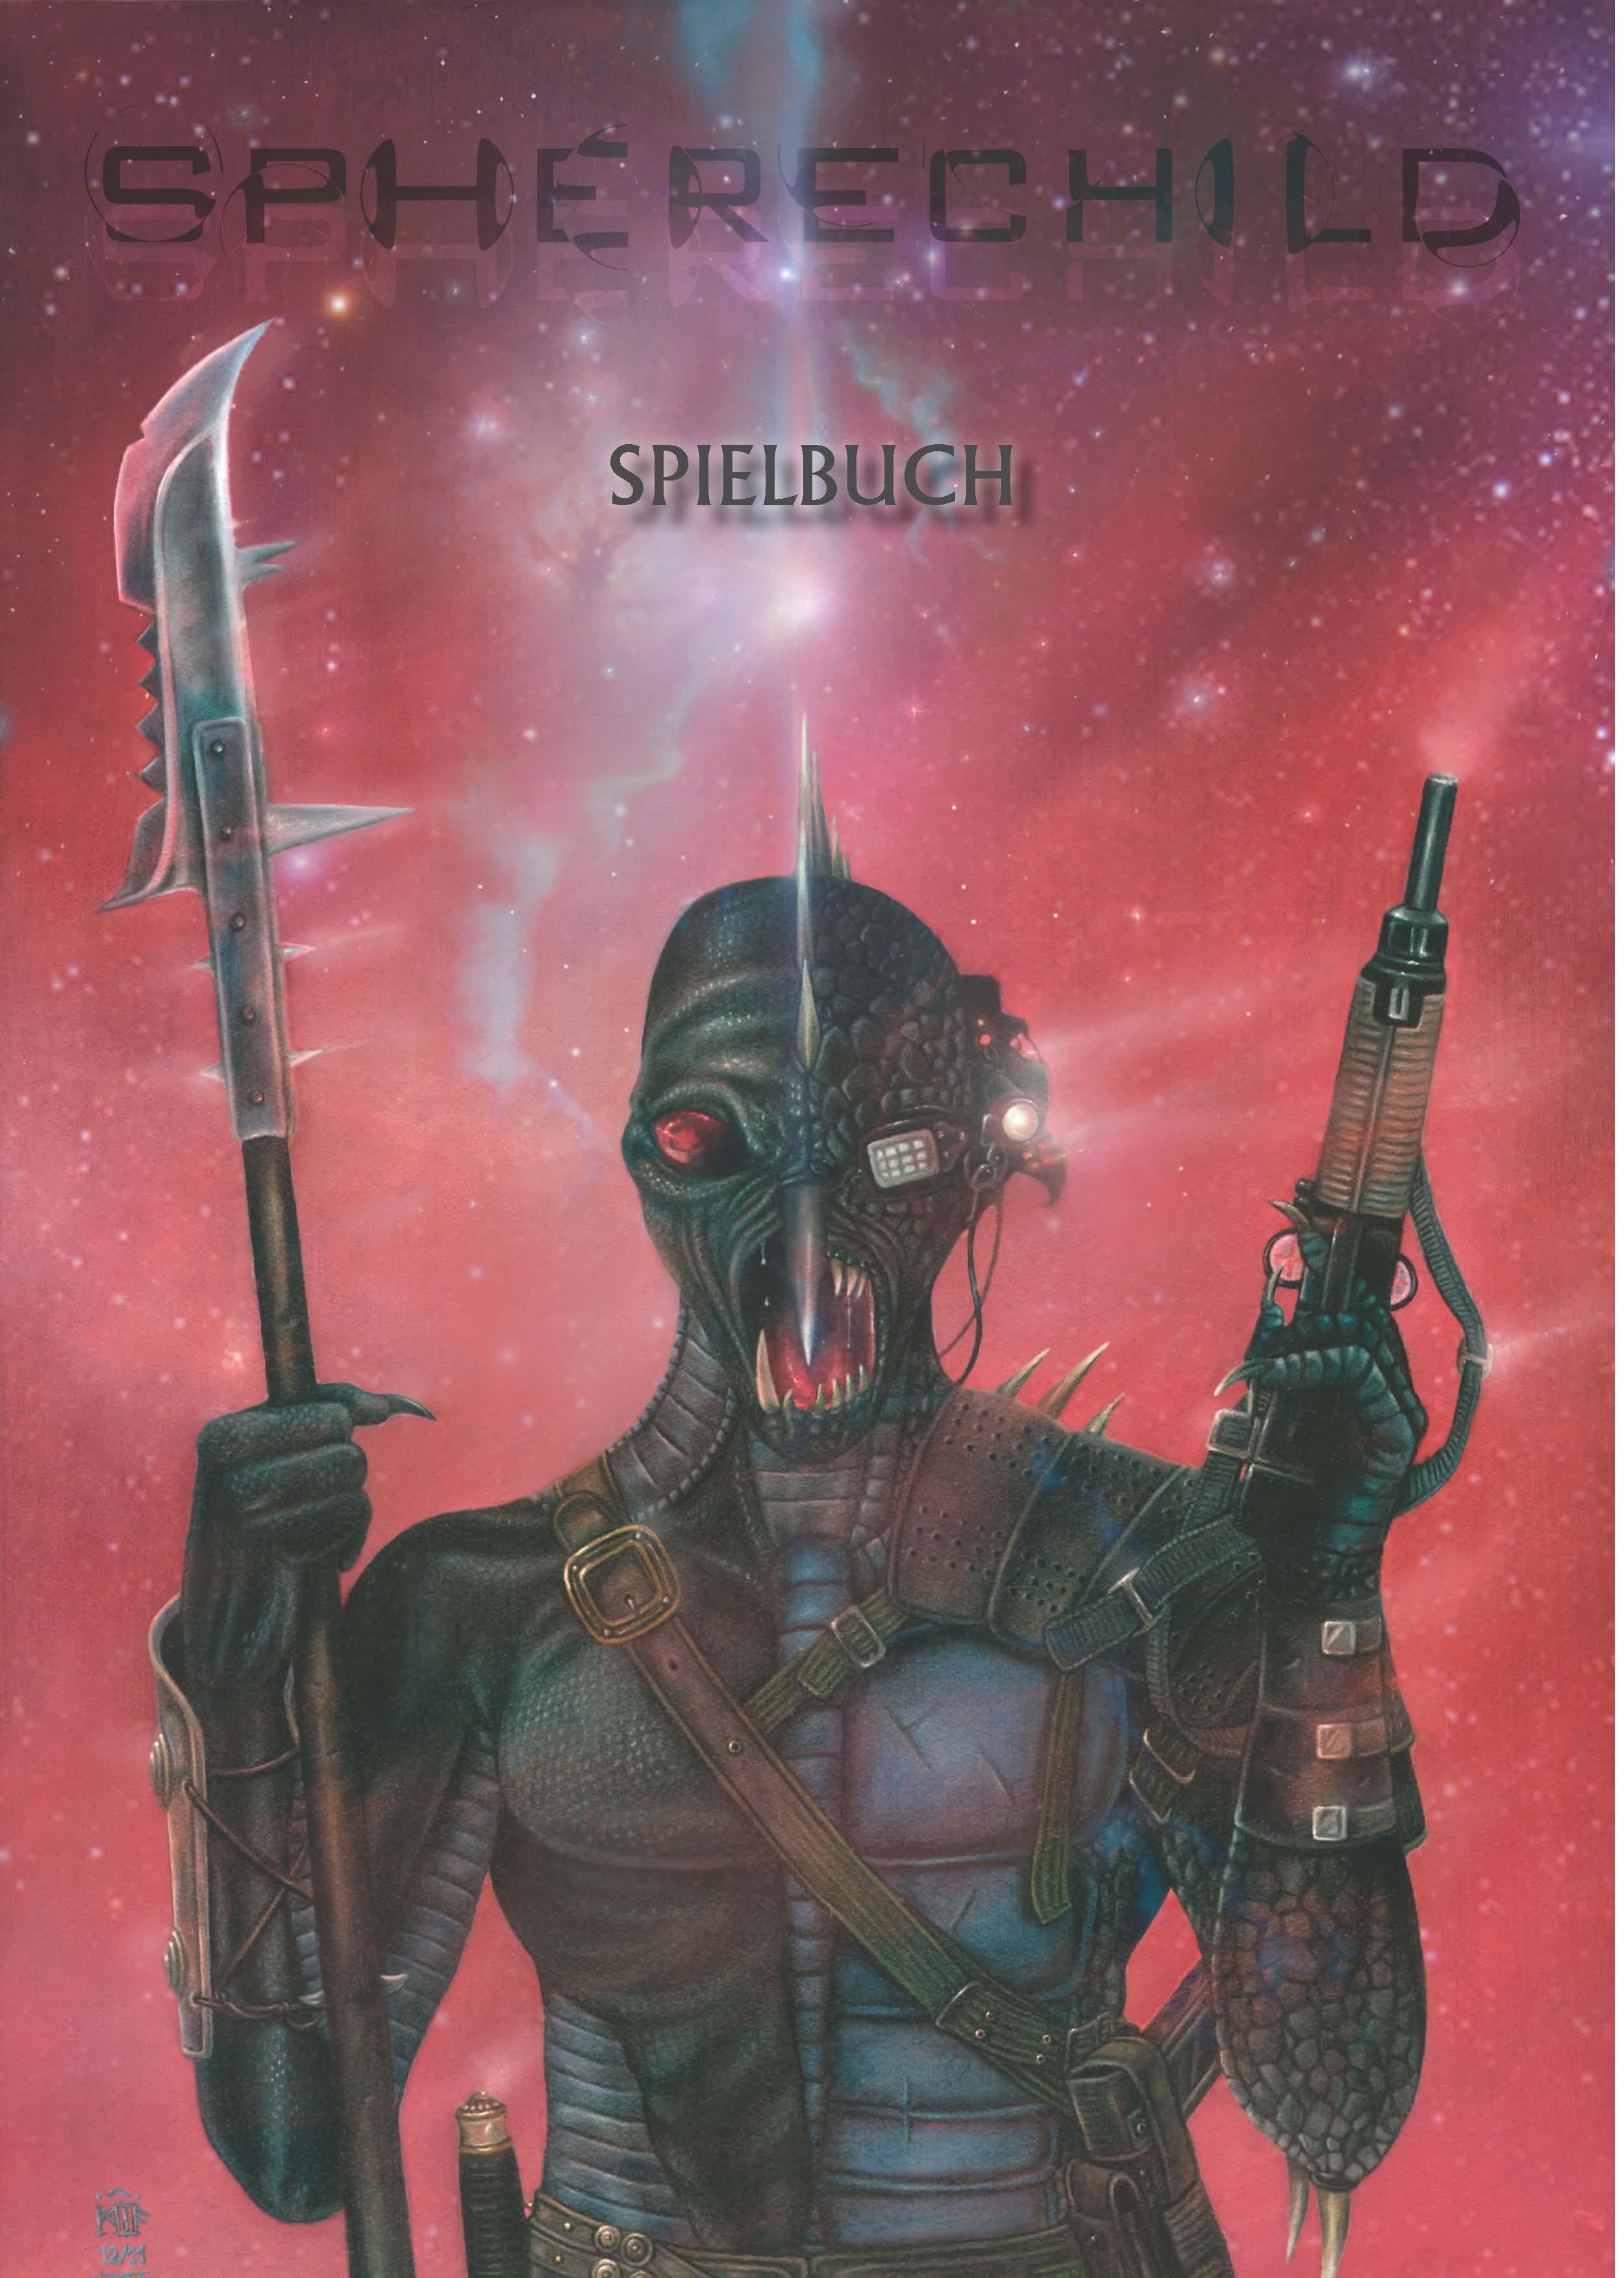 Spherechild-Spielbuch: Cover